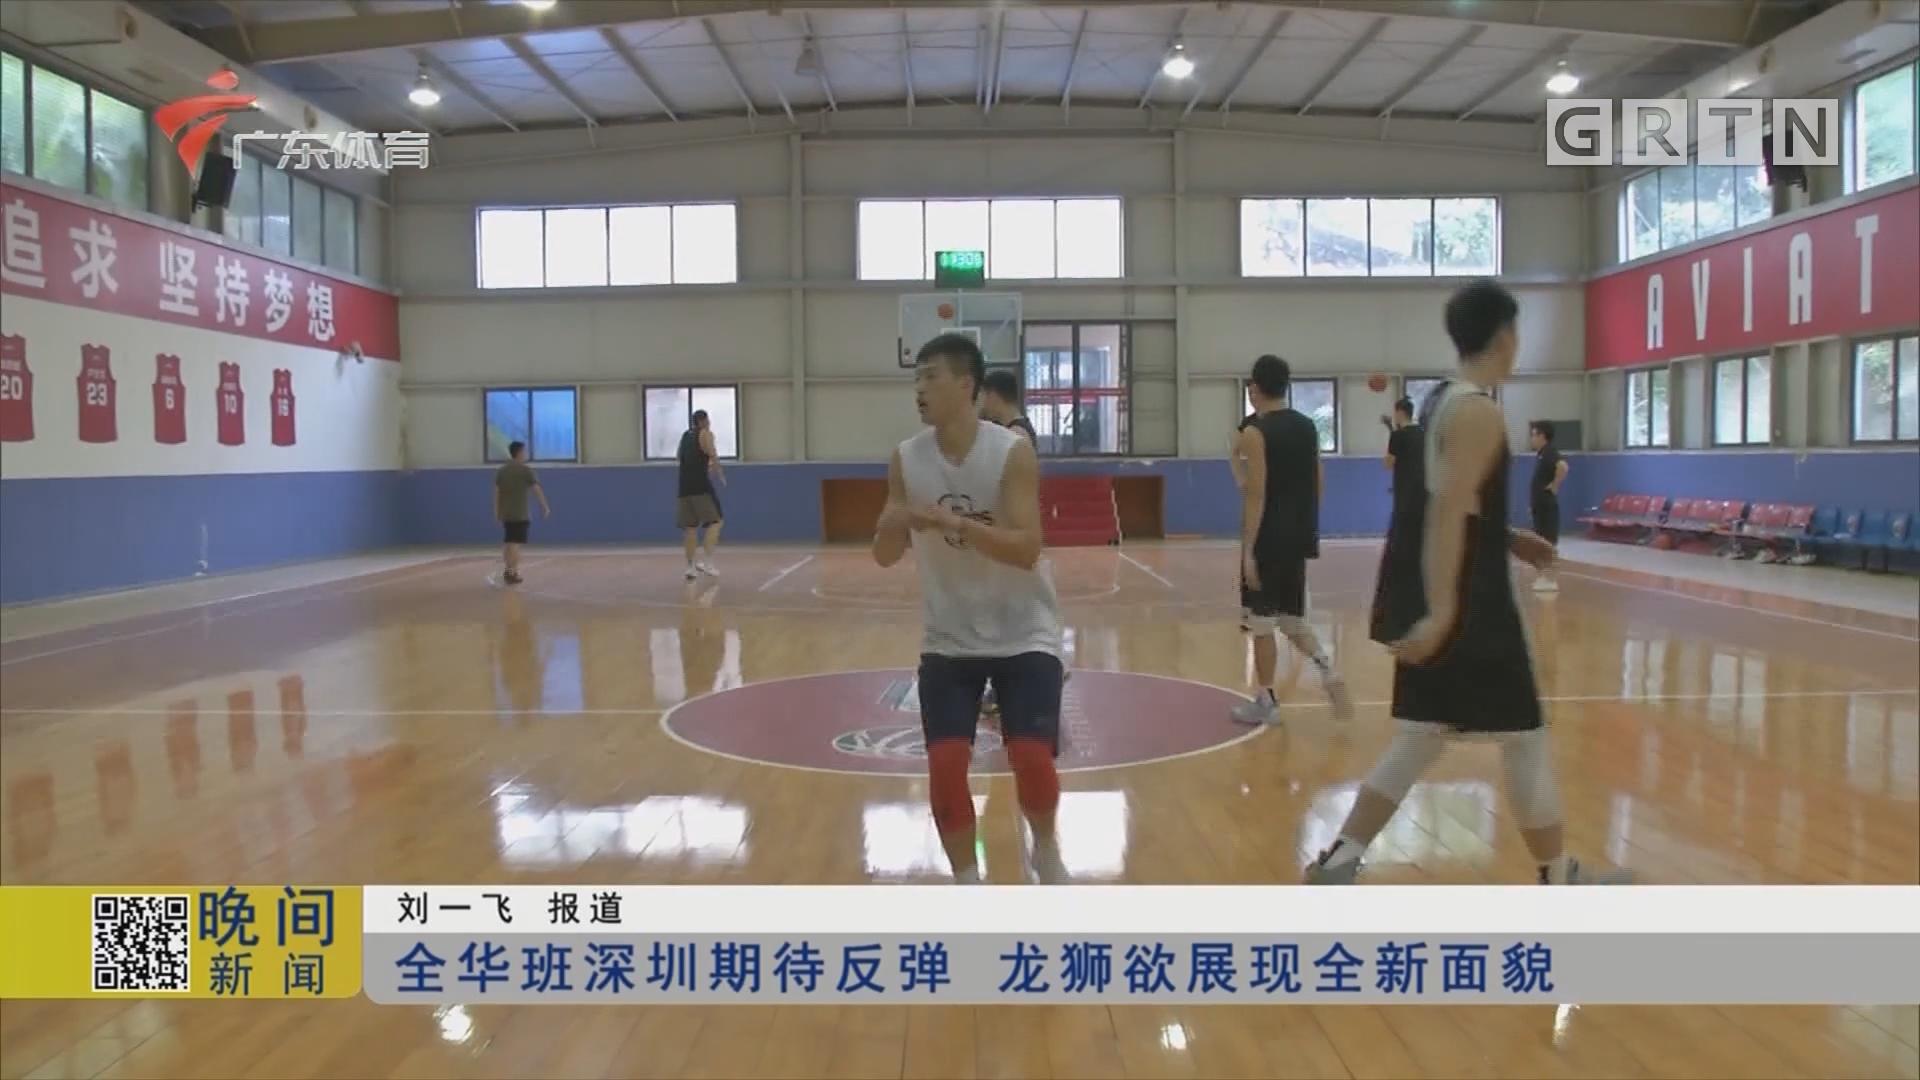 全华班深圳期待反弹 龙狮欲展现全新面貌